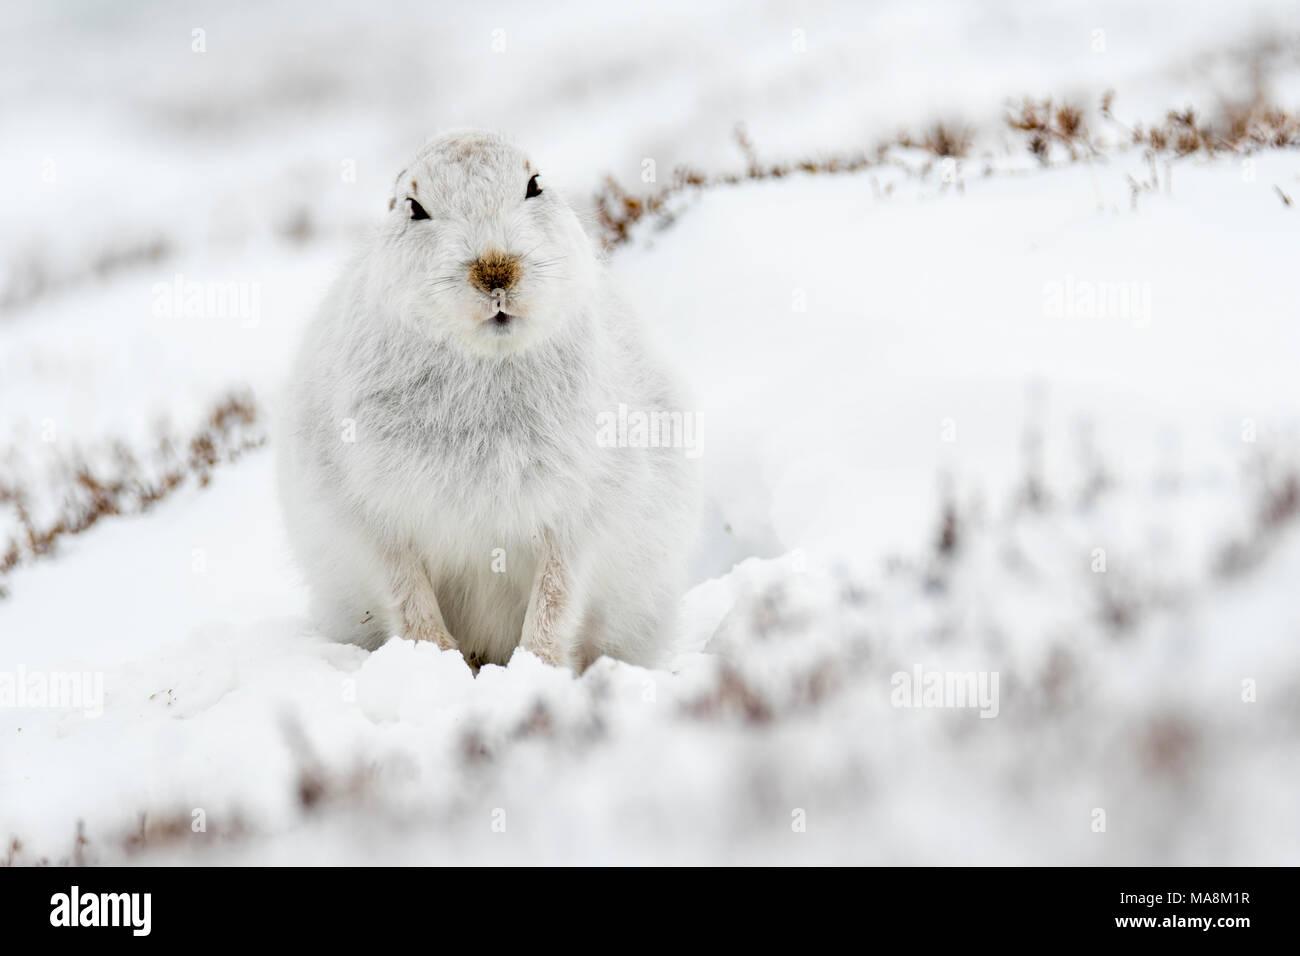 Alerta liebre de montaña (Lepus timidus) en laderas cubiertas de nieve en las Highlands escocesas, marzo de 2018 Imagen De Stock